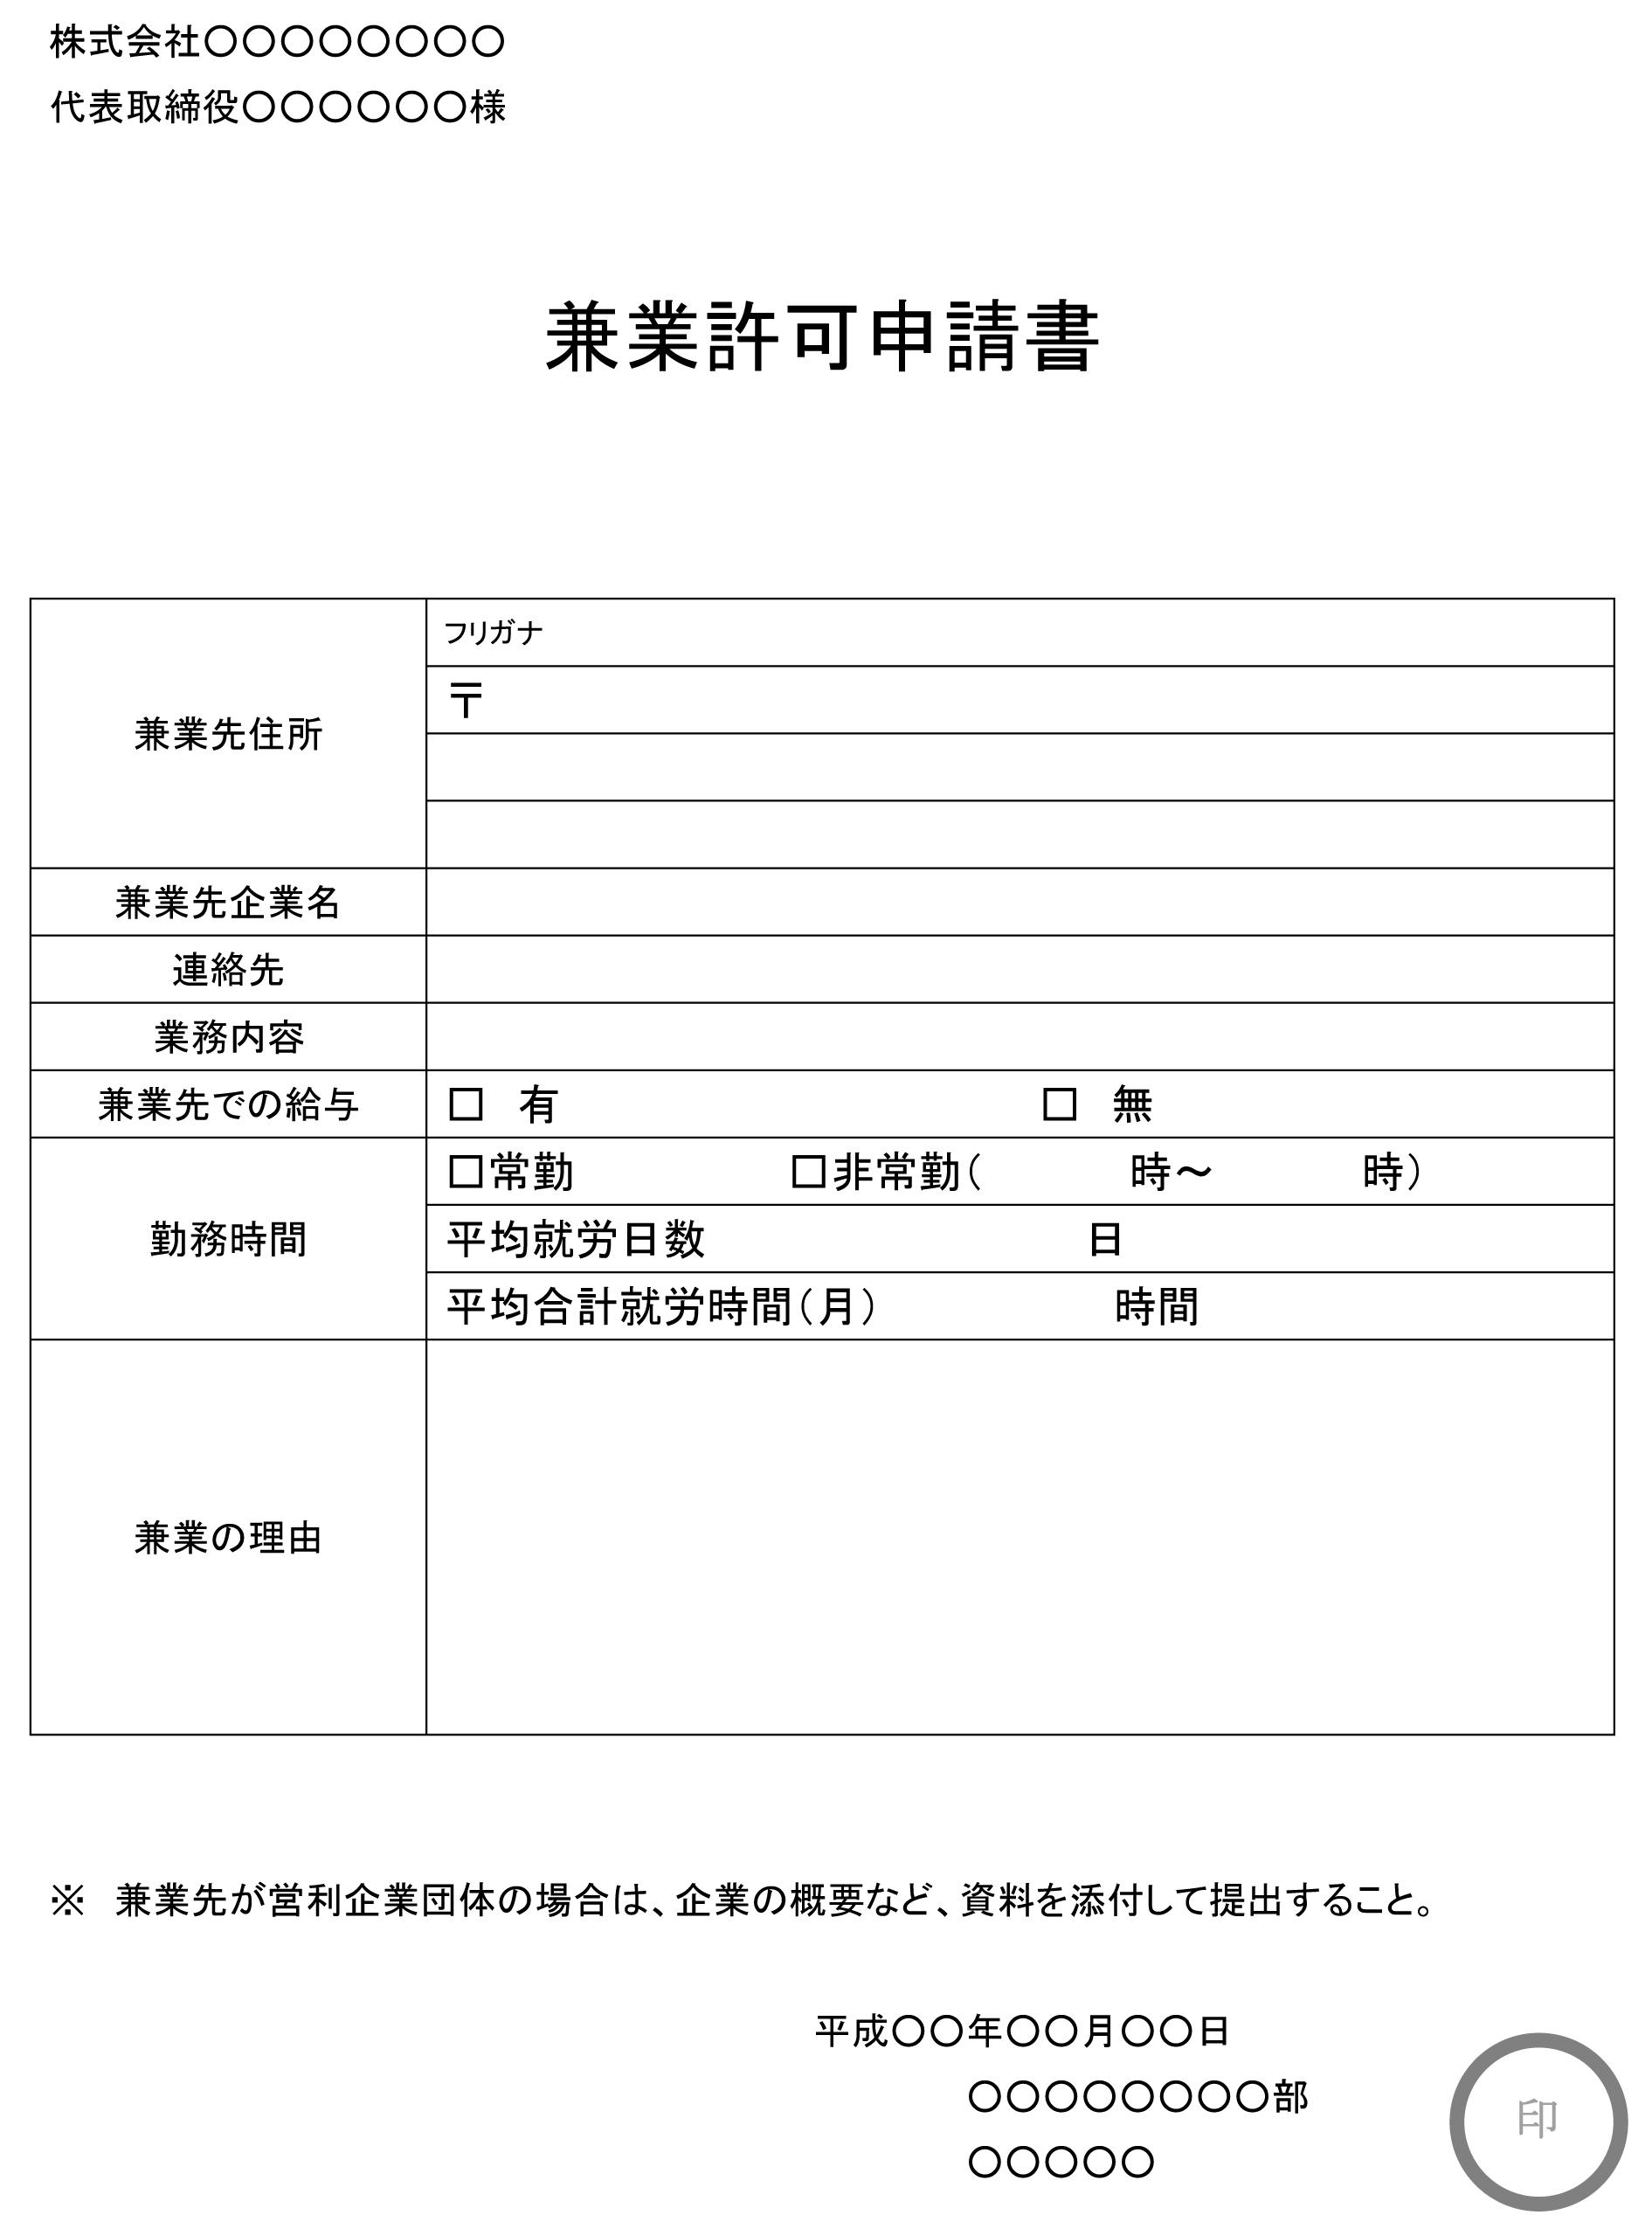 兼業許可申請書02